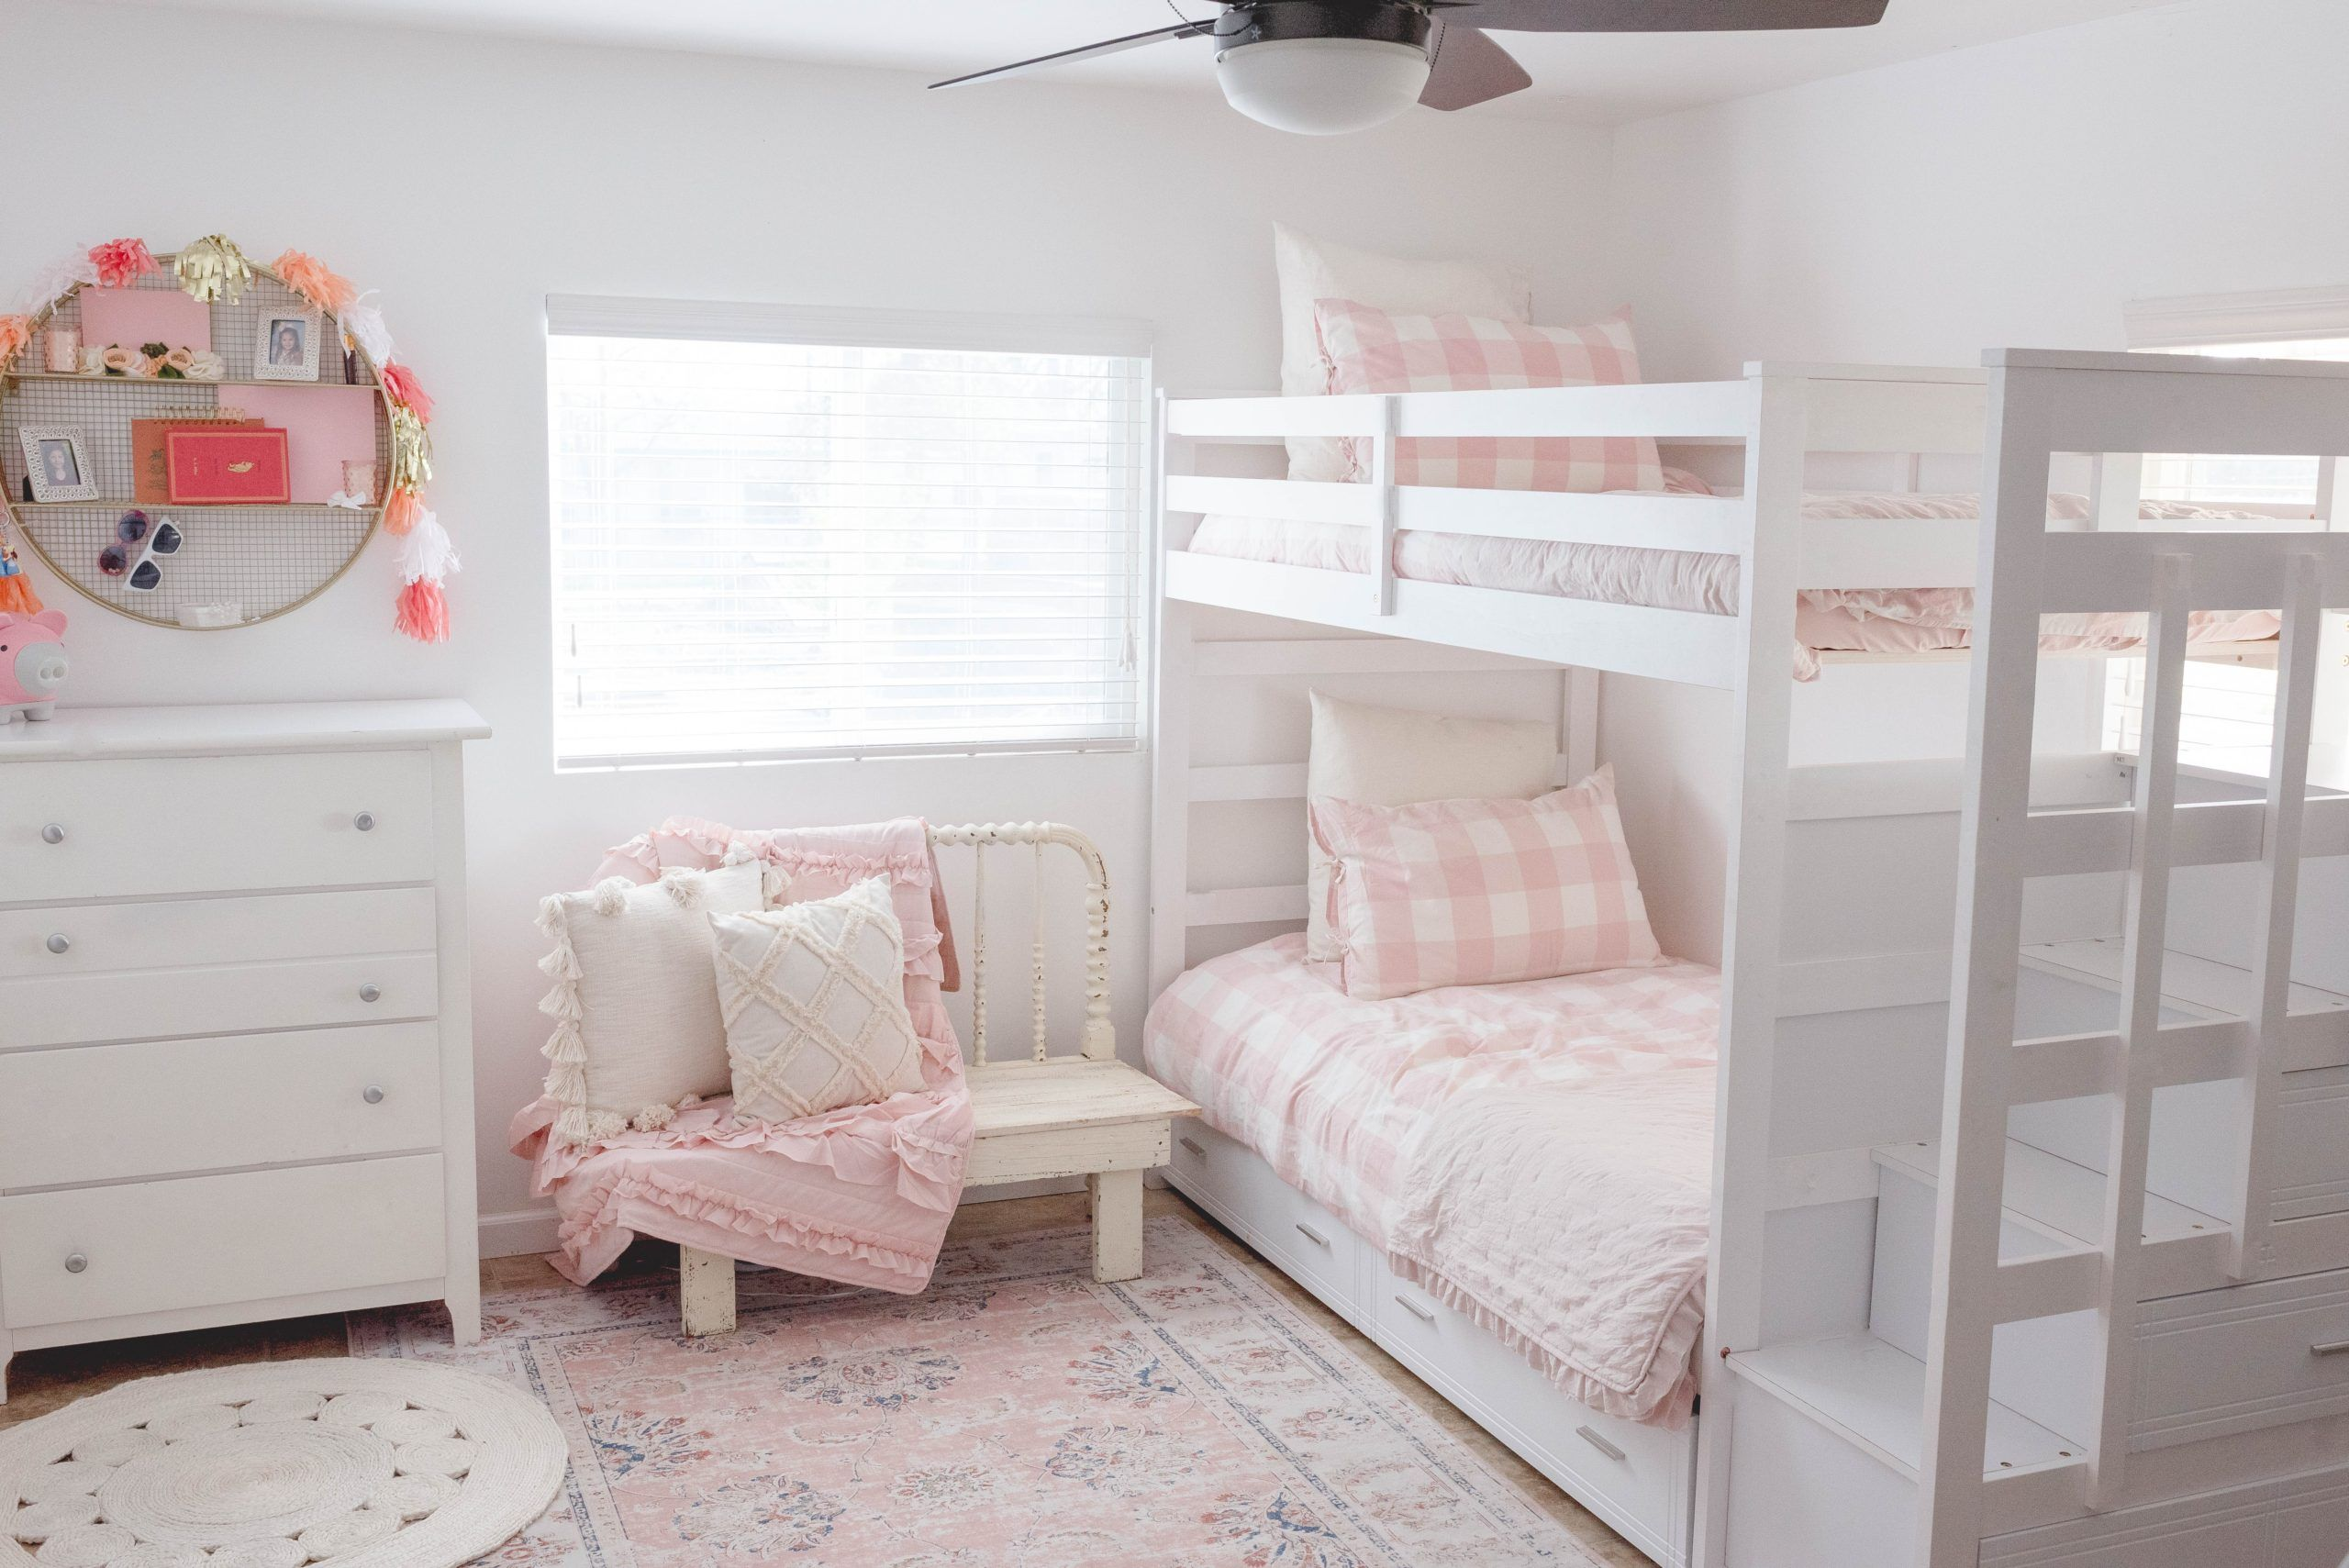 Cute Shared Little Girls Room Shared Girls Room Shared Girls Bedroom Bedroom For Girls Kids